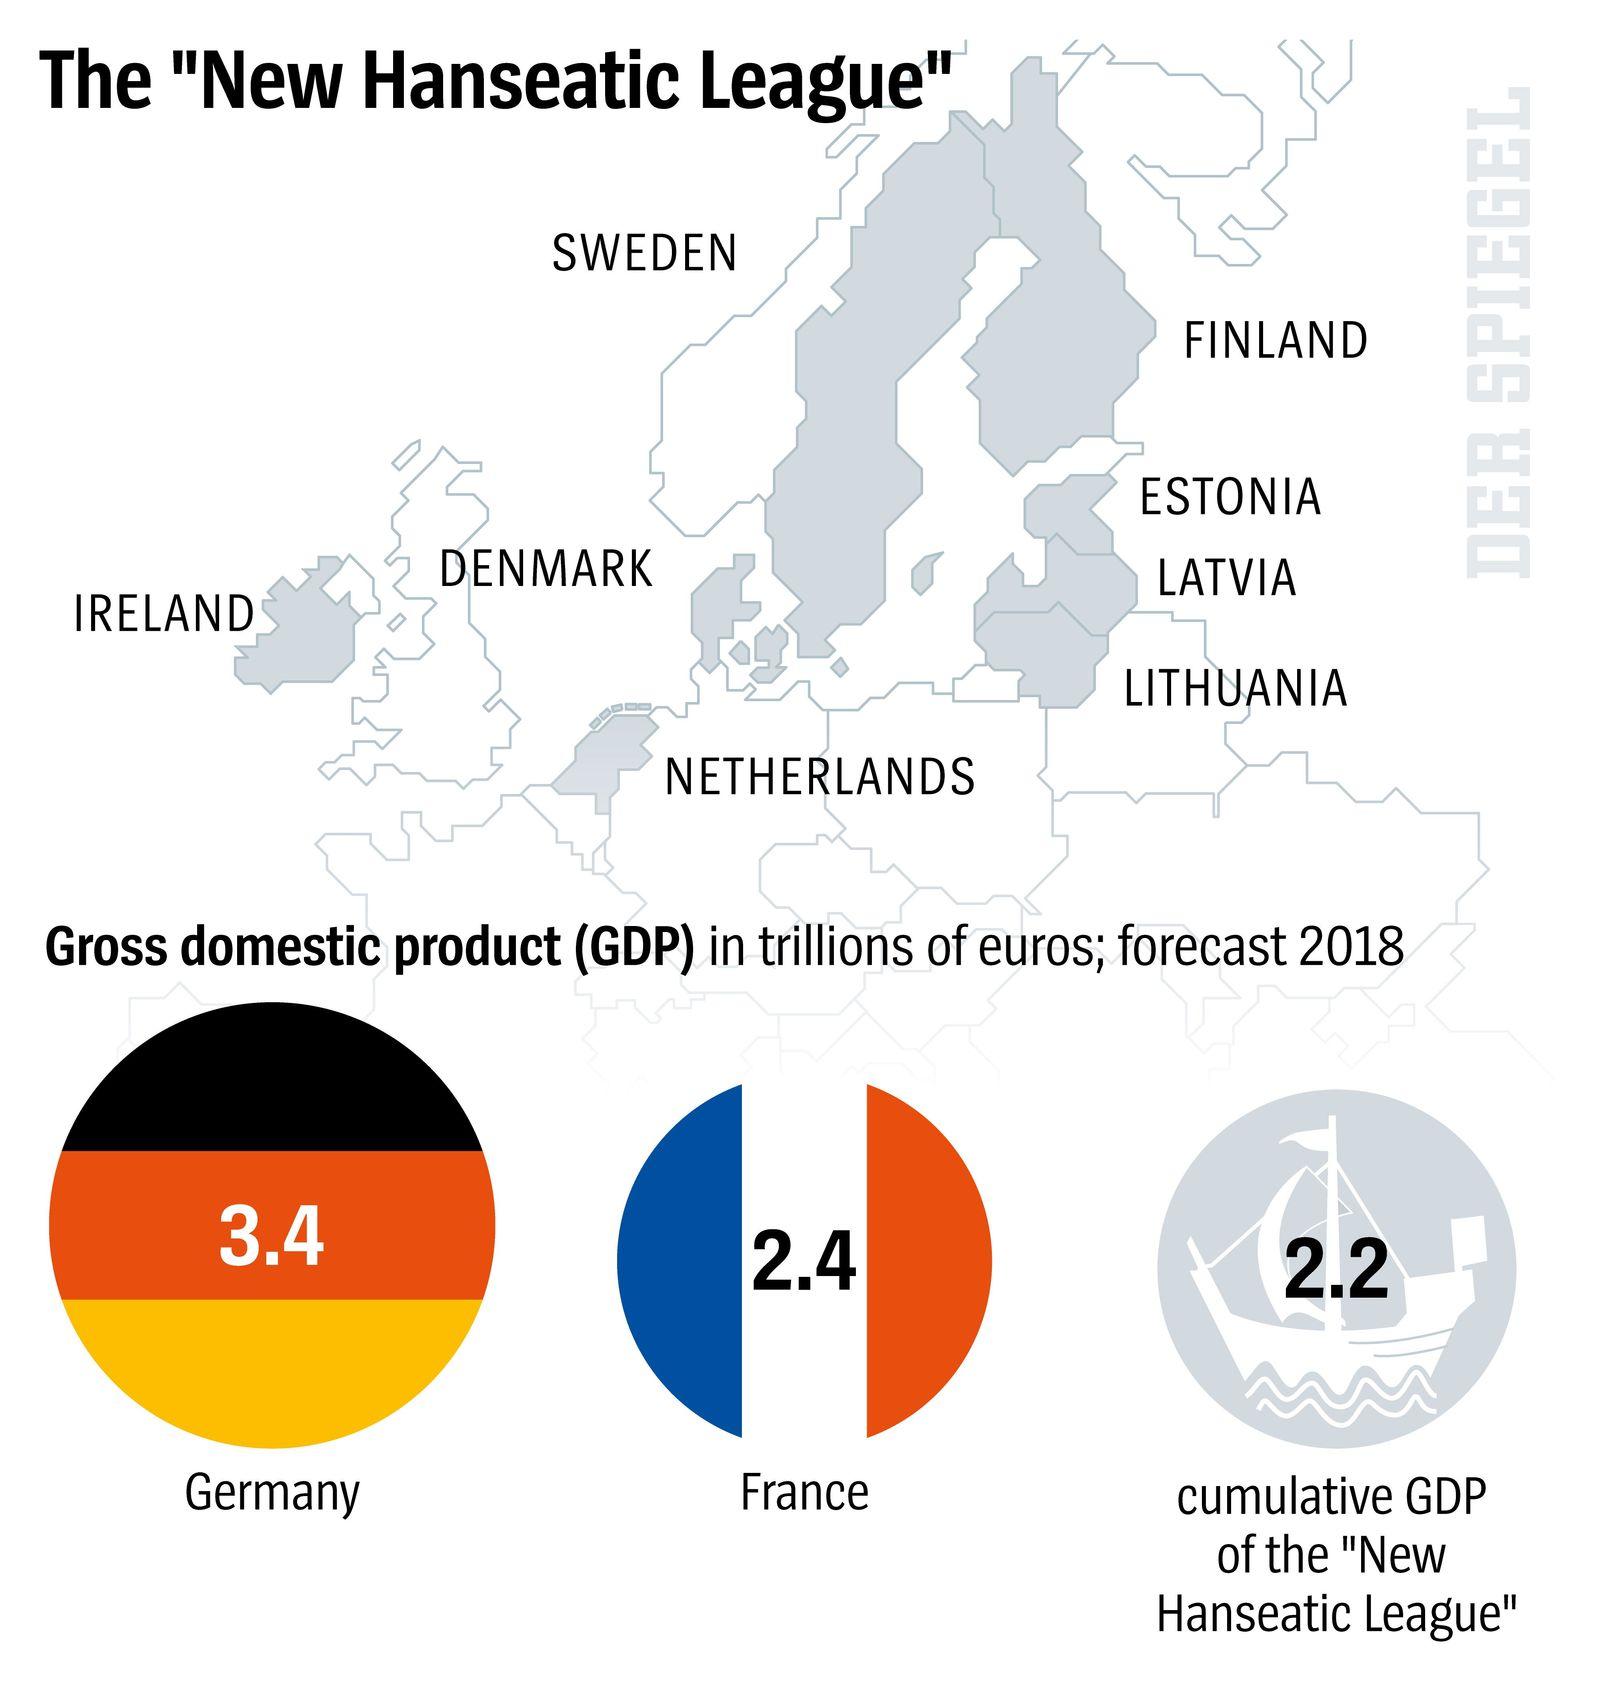 DER SPIEGEL 50 s24 Hanseatic League